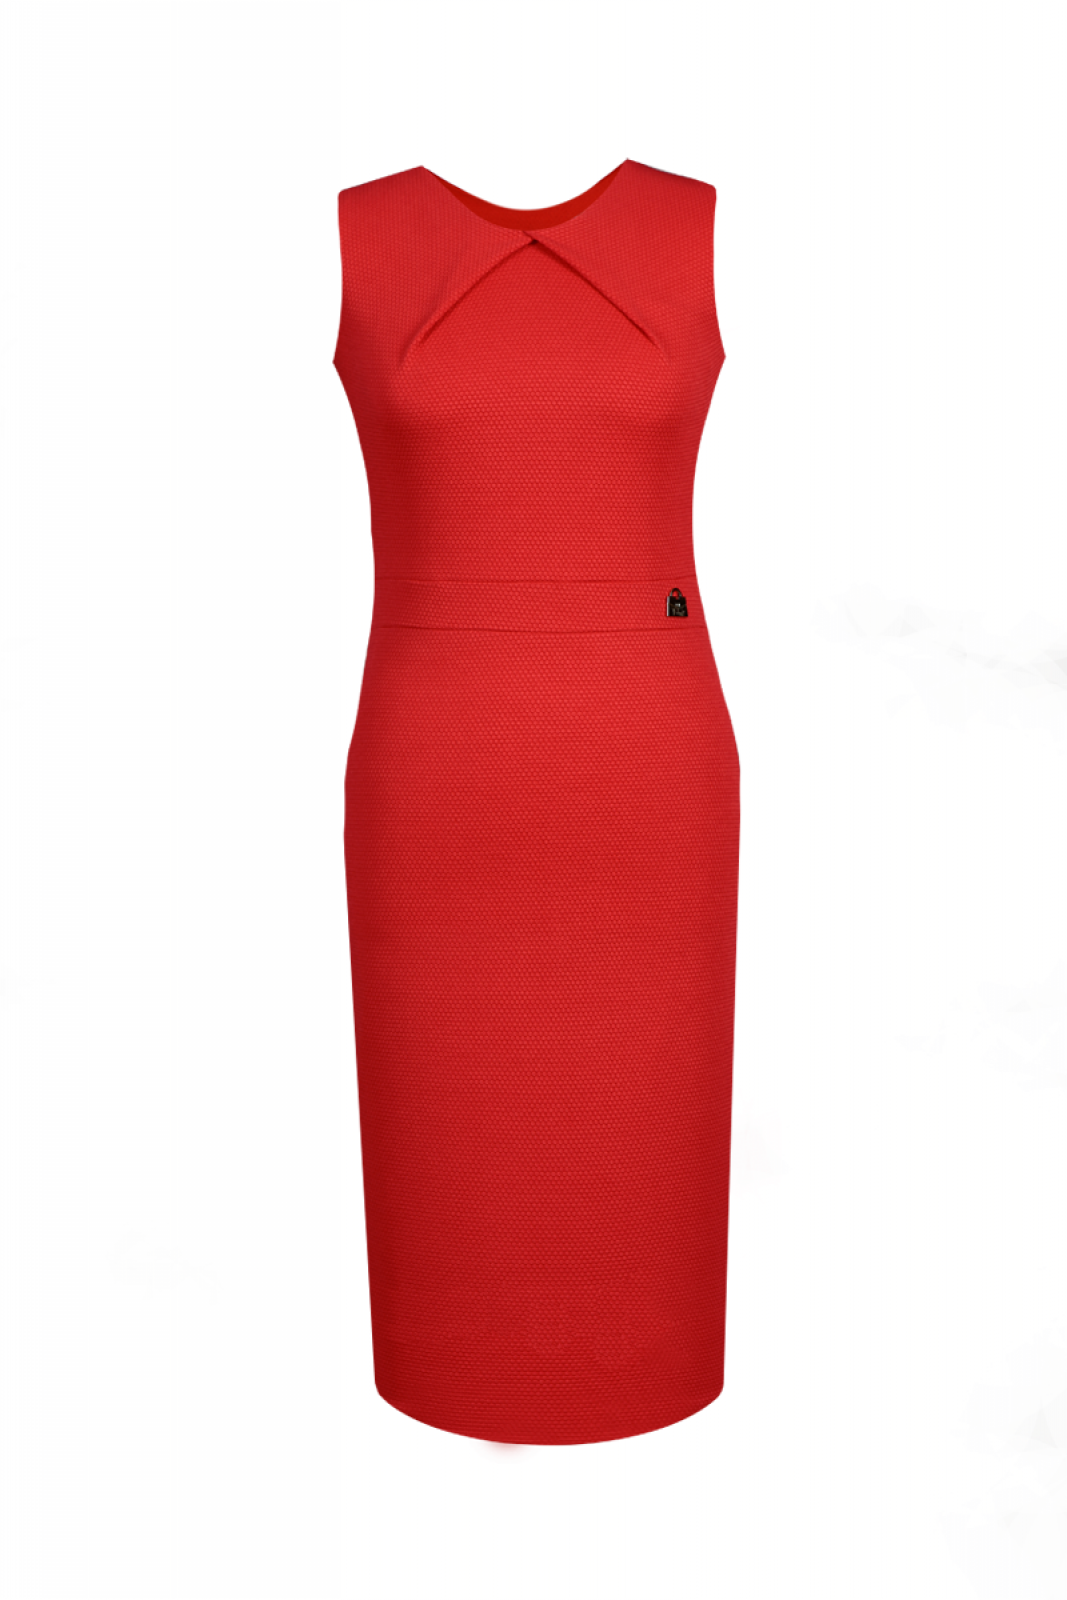 Elegante kleider knielang rot